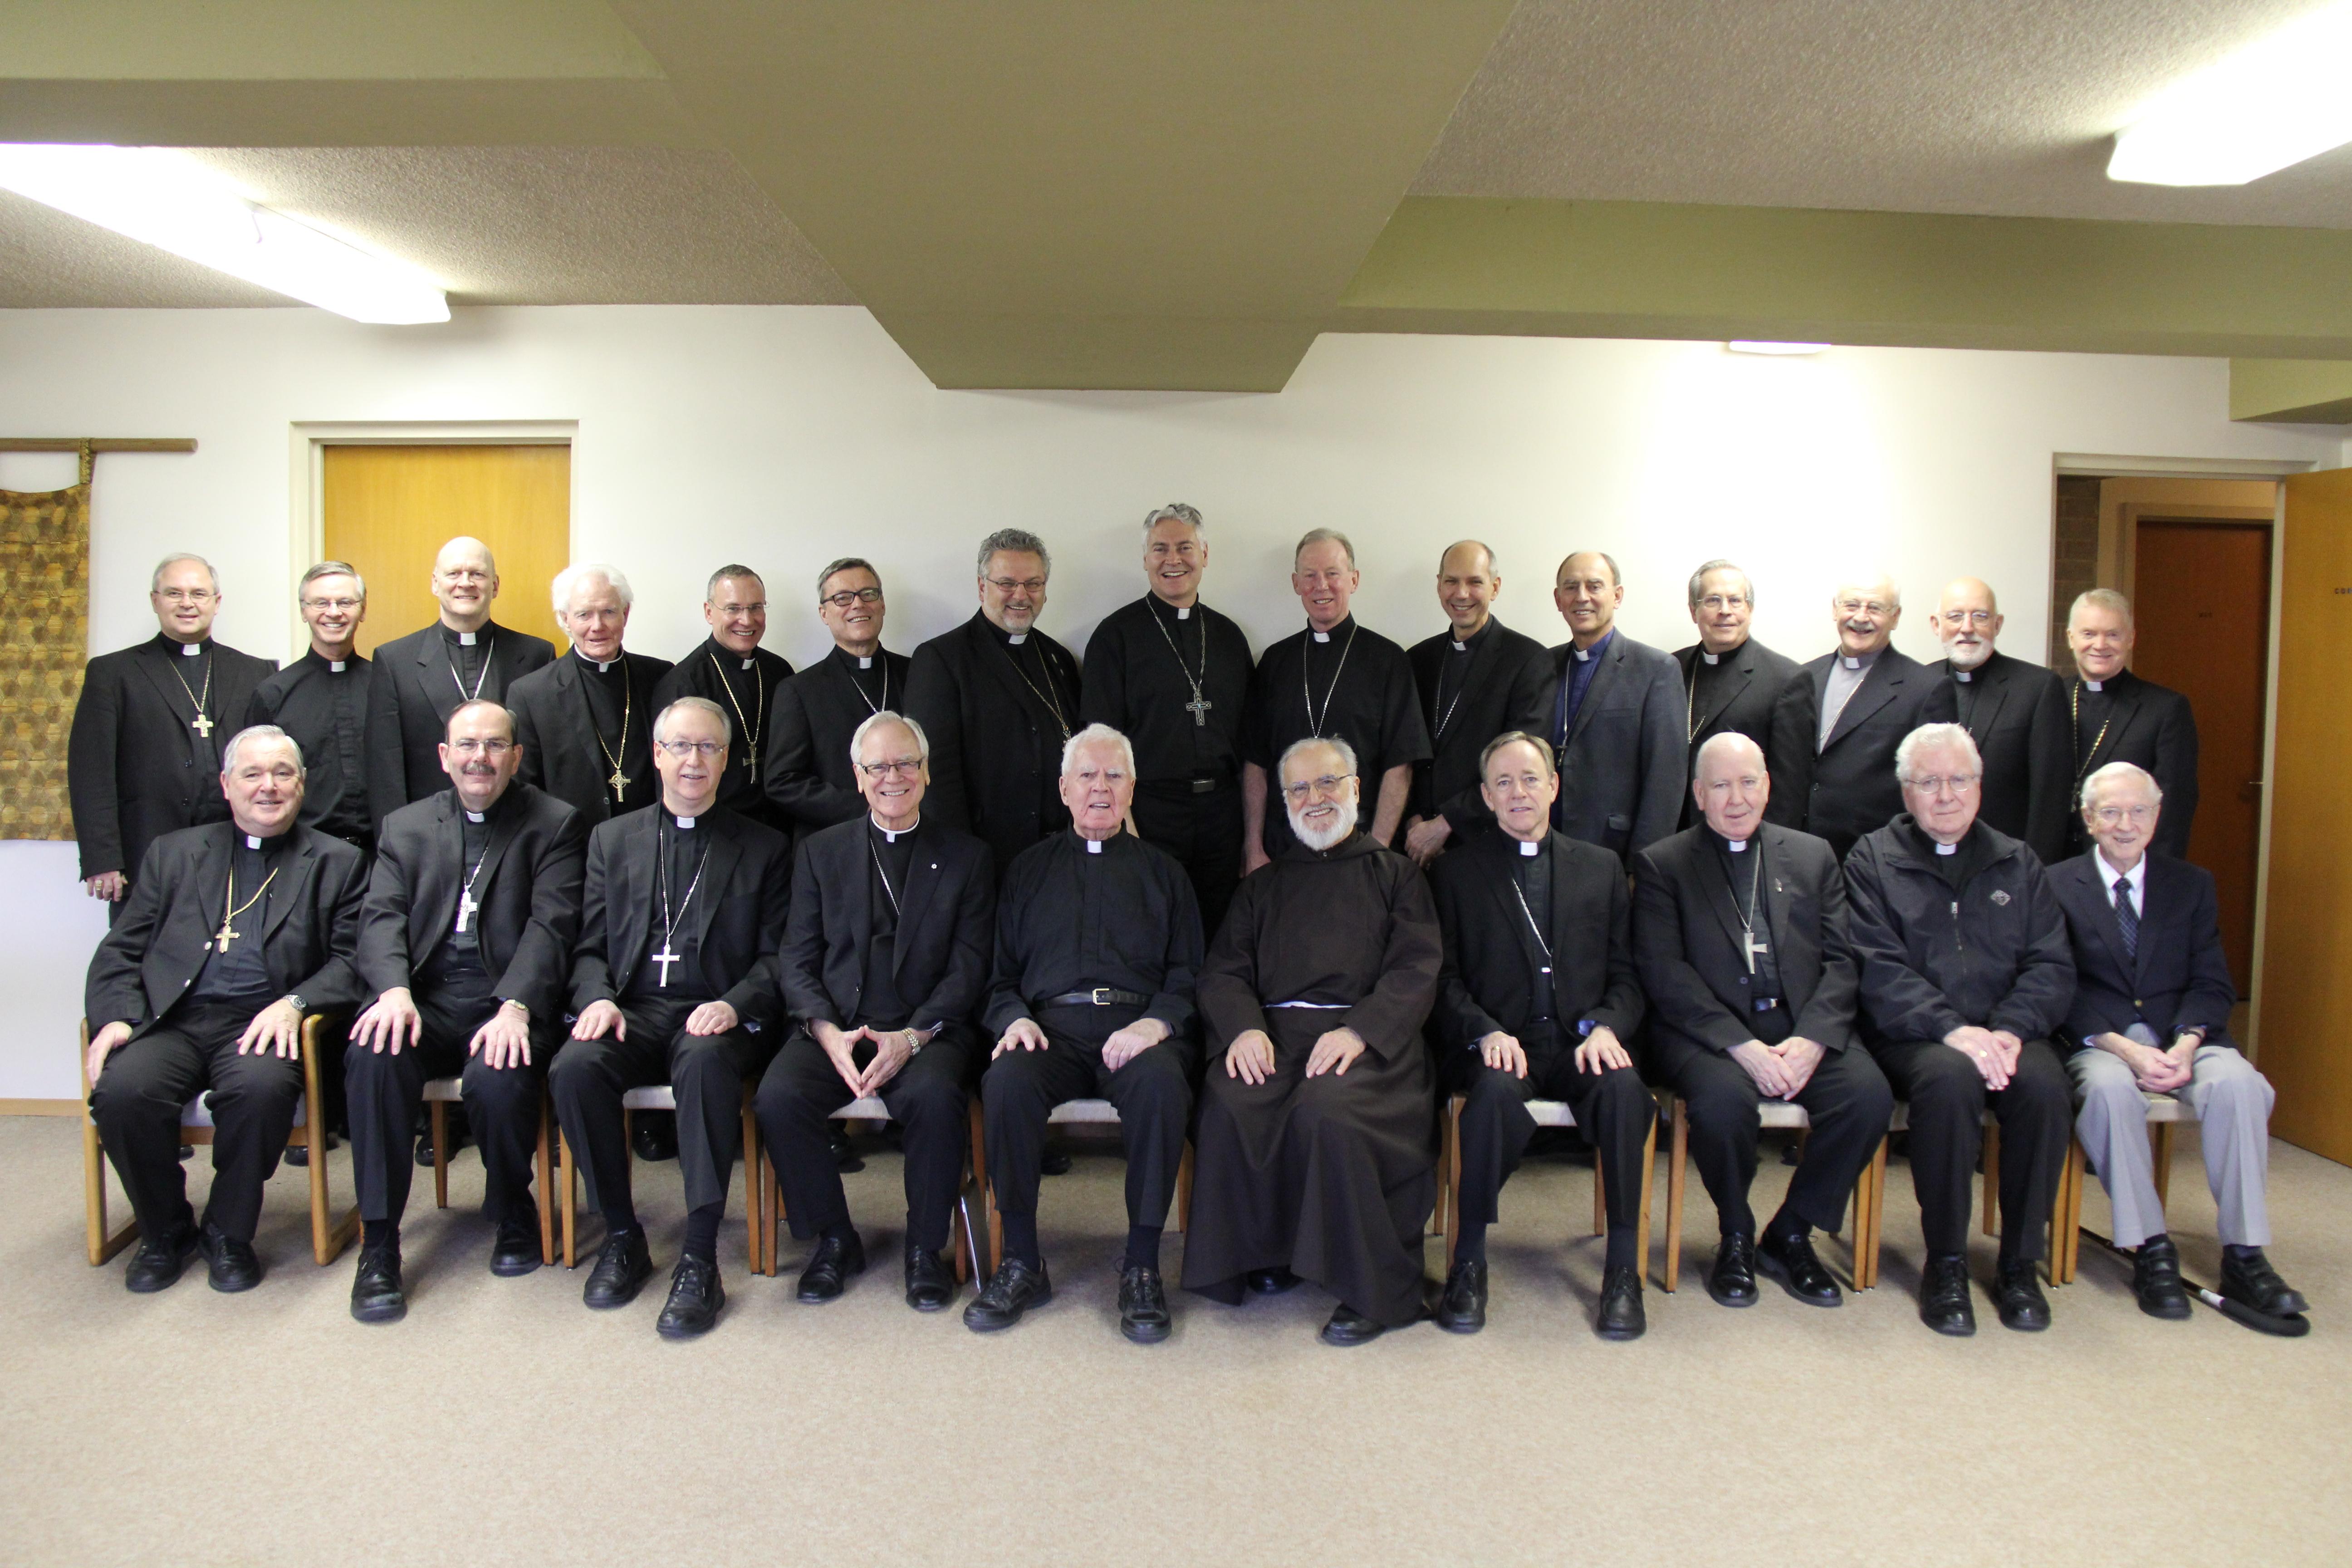 Bishops2014